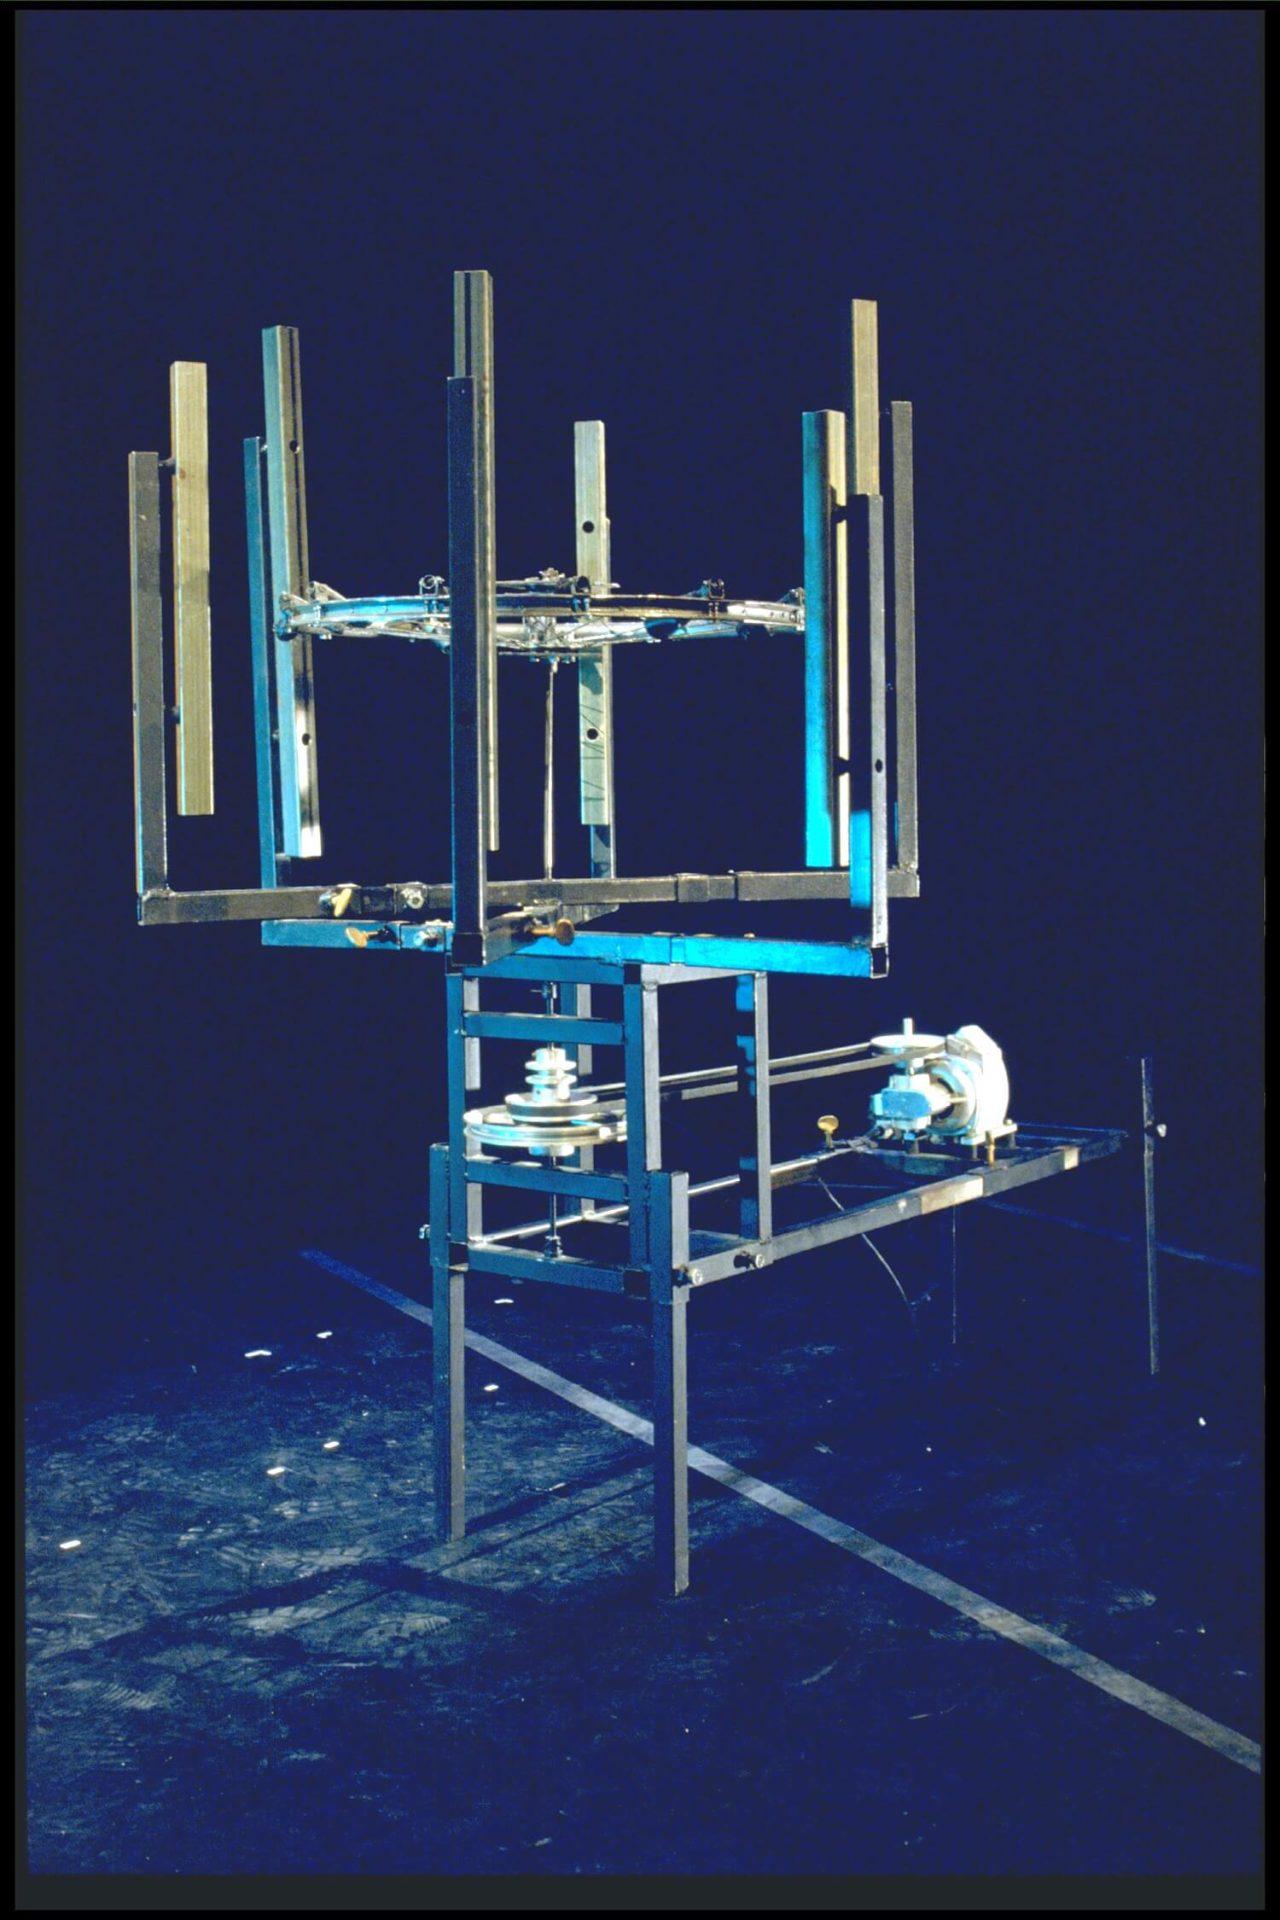 Image métal bleutée sur fond noir. les tubes horizontaux frappés par une roue horizontale évoque un cervidé métallique.